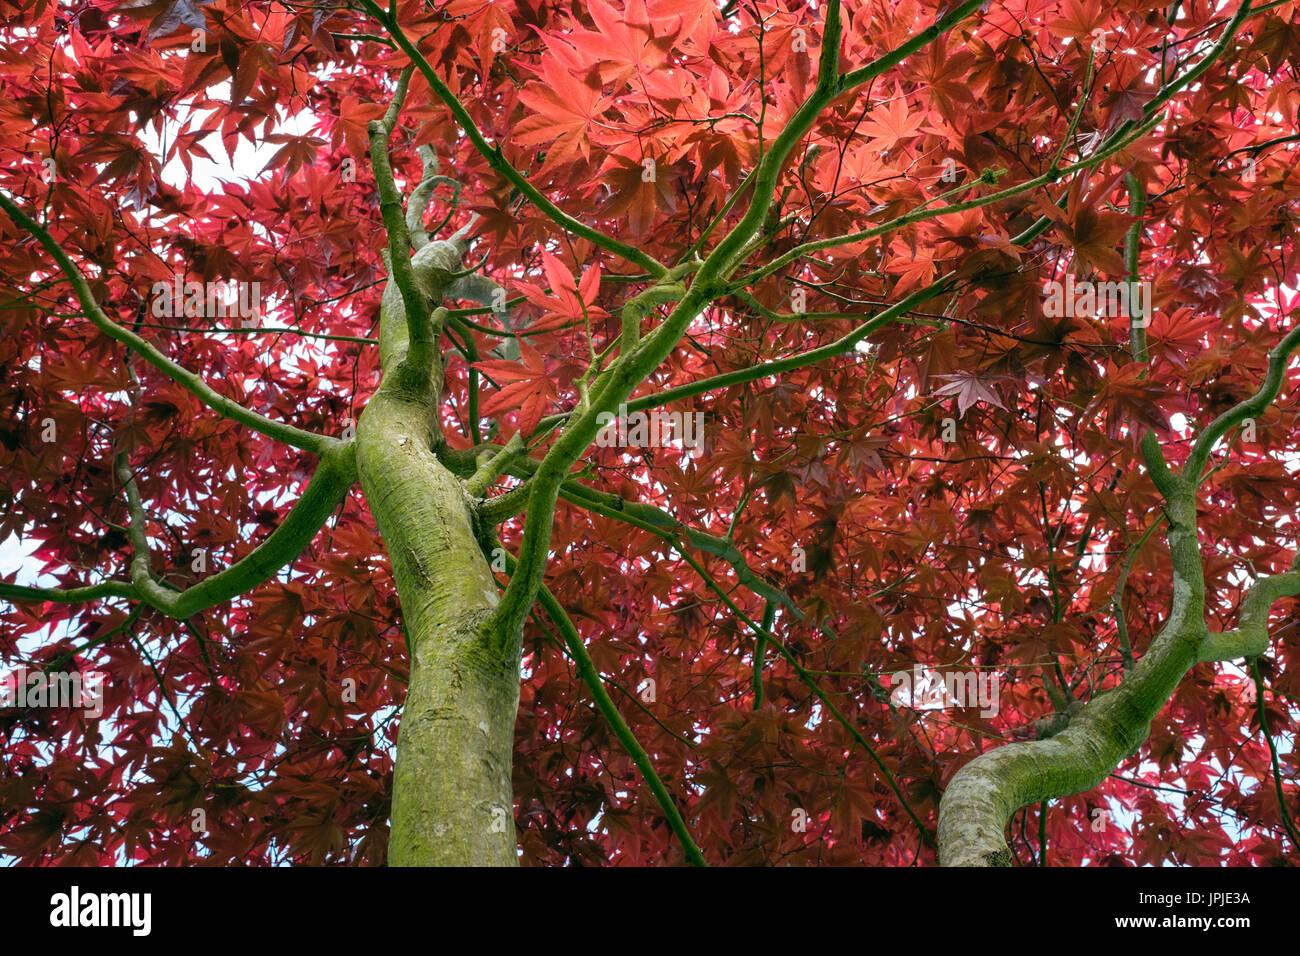 """Ricerca di rami di alberi a foglie rosse di acero giapponese (Acer palmatum Atropurpureum """"') visto da sotto con inizio estate fogliame retroilluminati. Regno Unito Gran Bretagna Immagini Stock"""